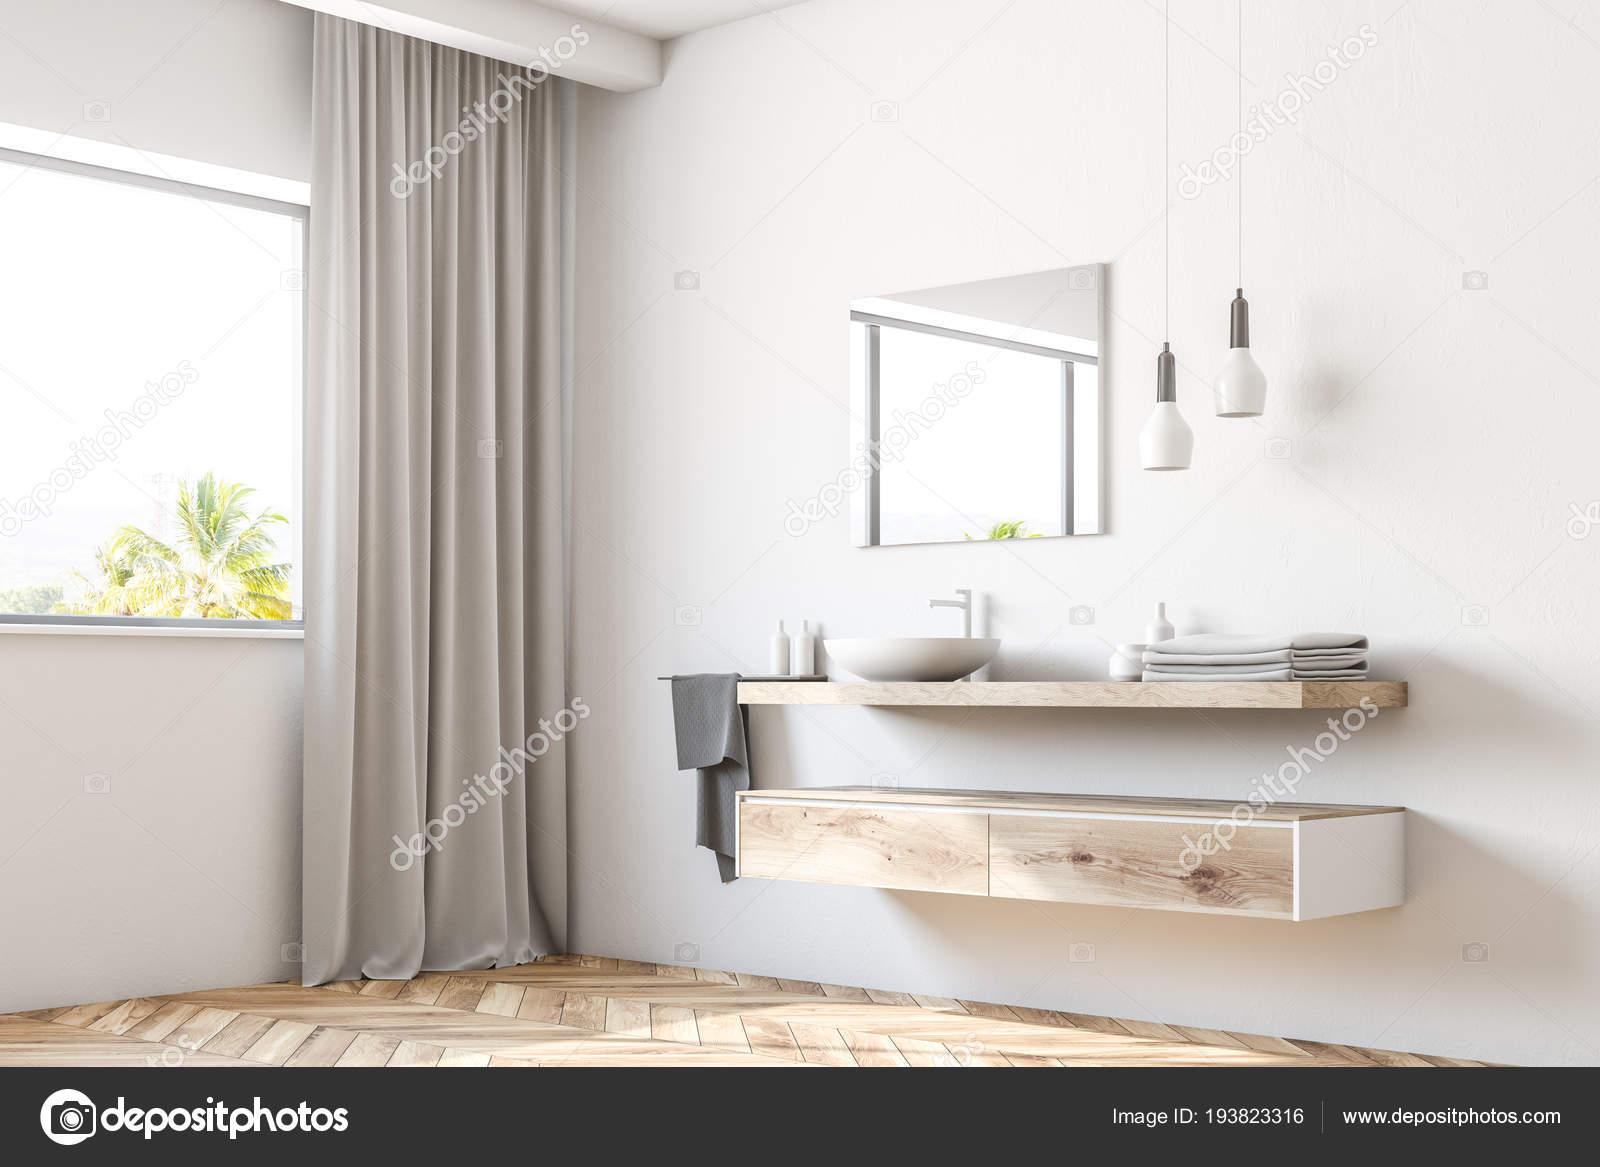 Witte Badkamer Wastafel : Witte badkamer wastafel permanent een houten plank een vierkante